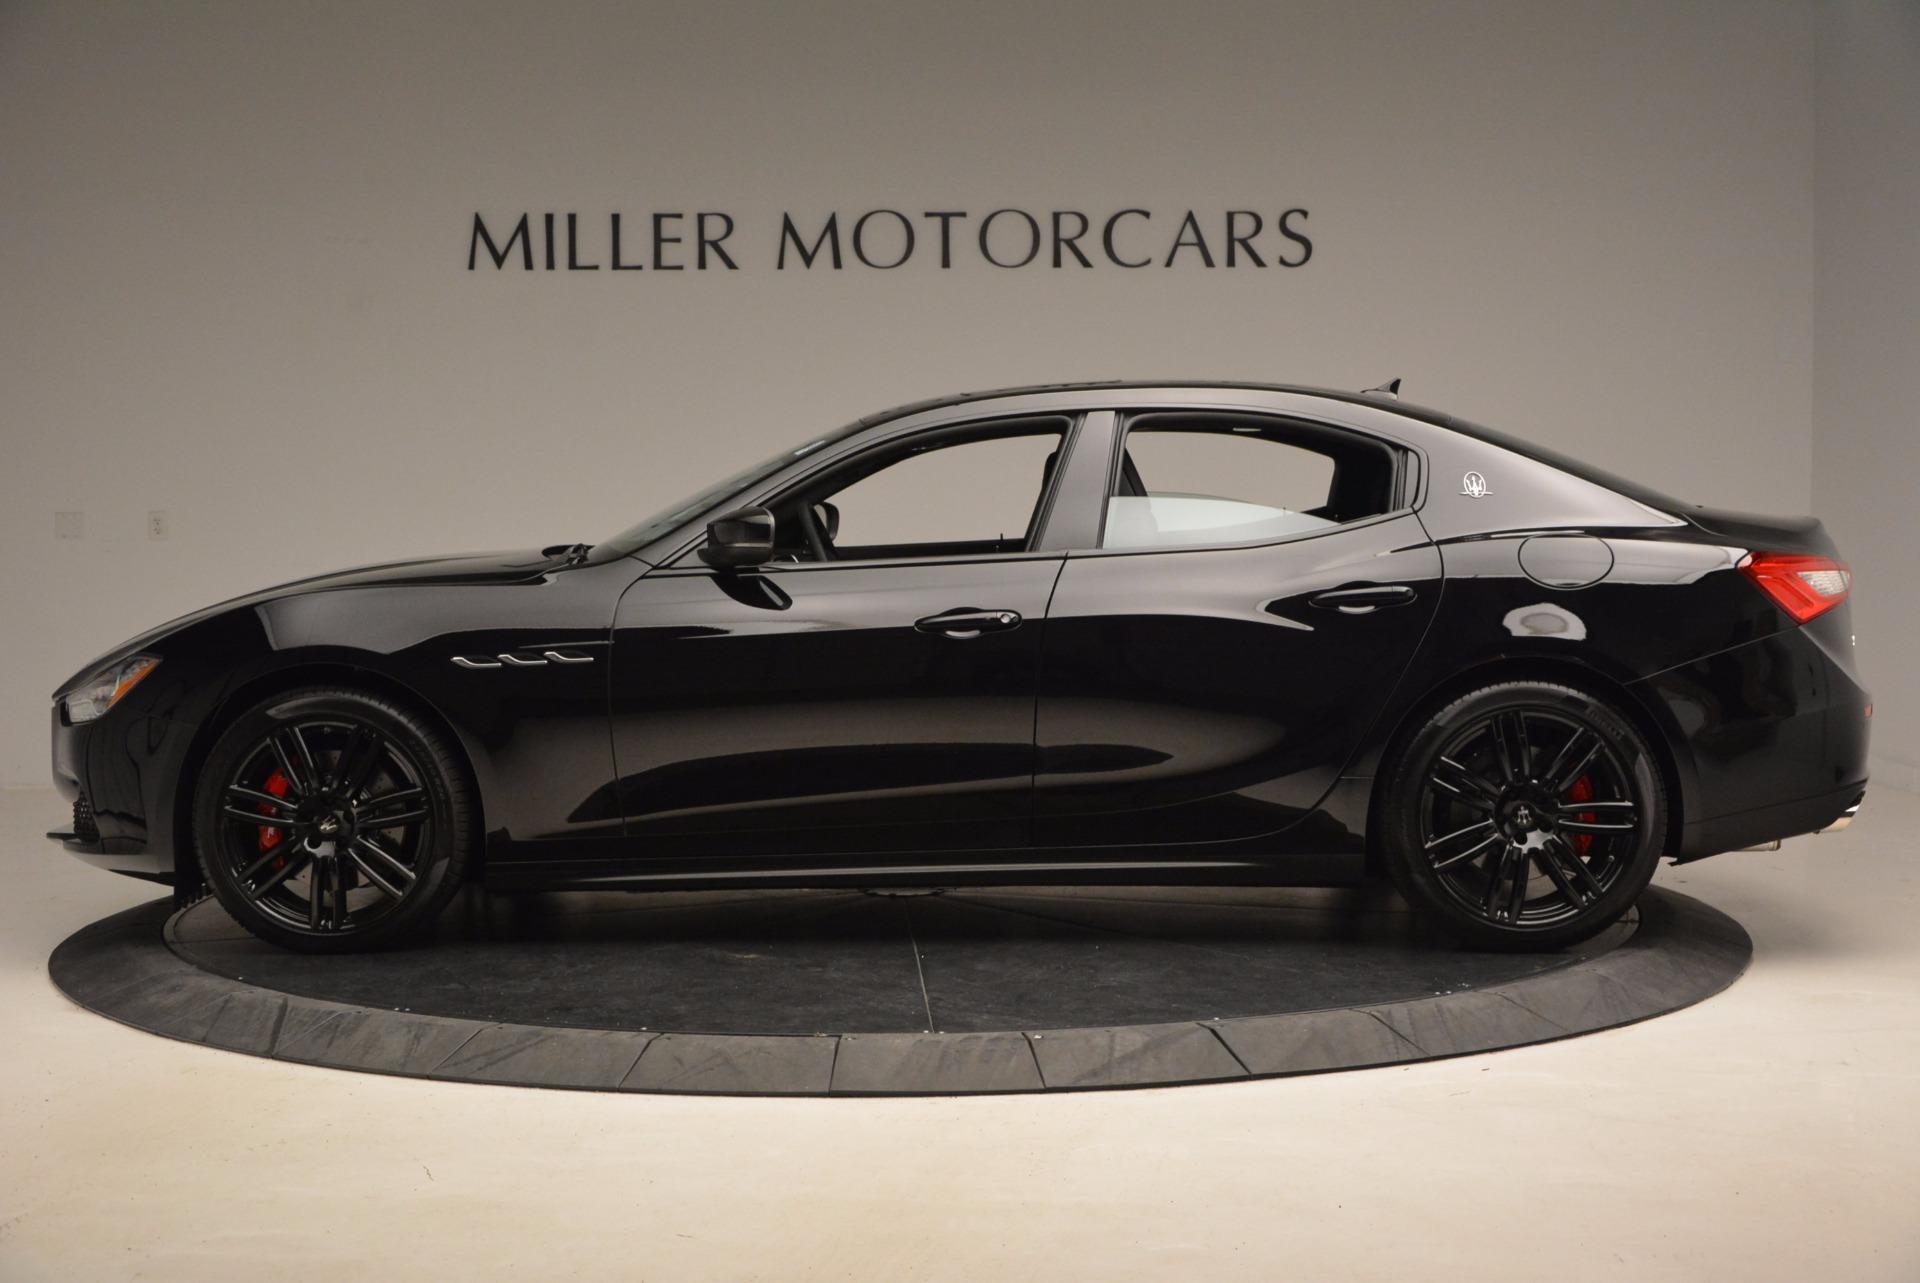 New 2017 Maserati Ghibli SQ4 S Q4 Nerissimo Edition For Sale In Greenwich, CT 1334_p3